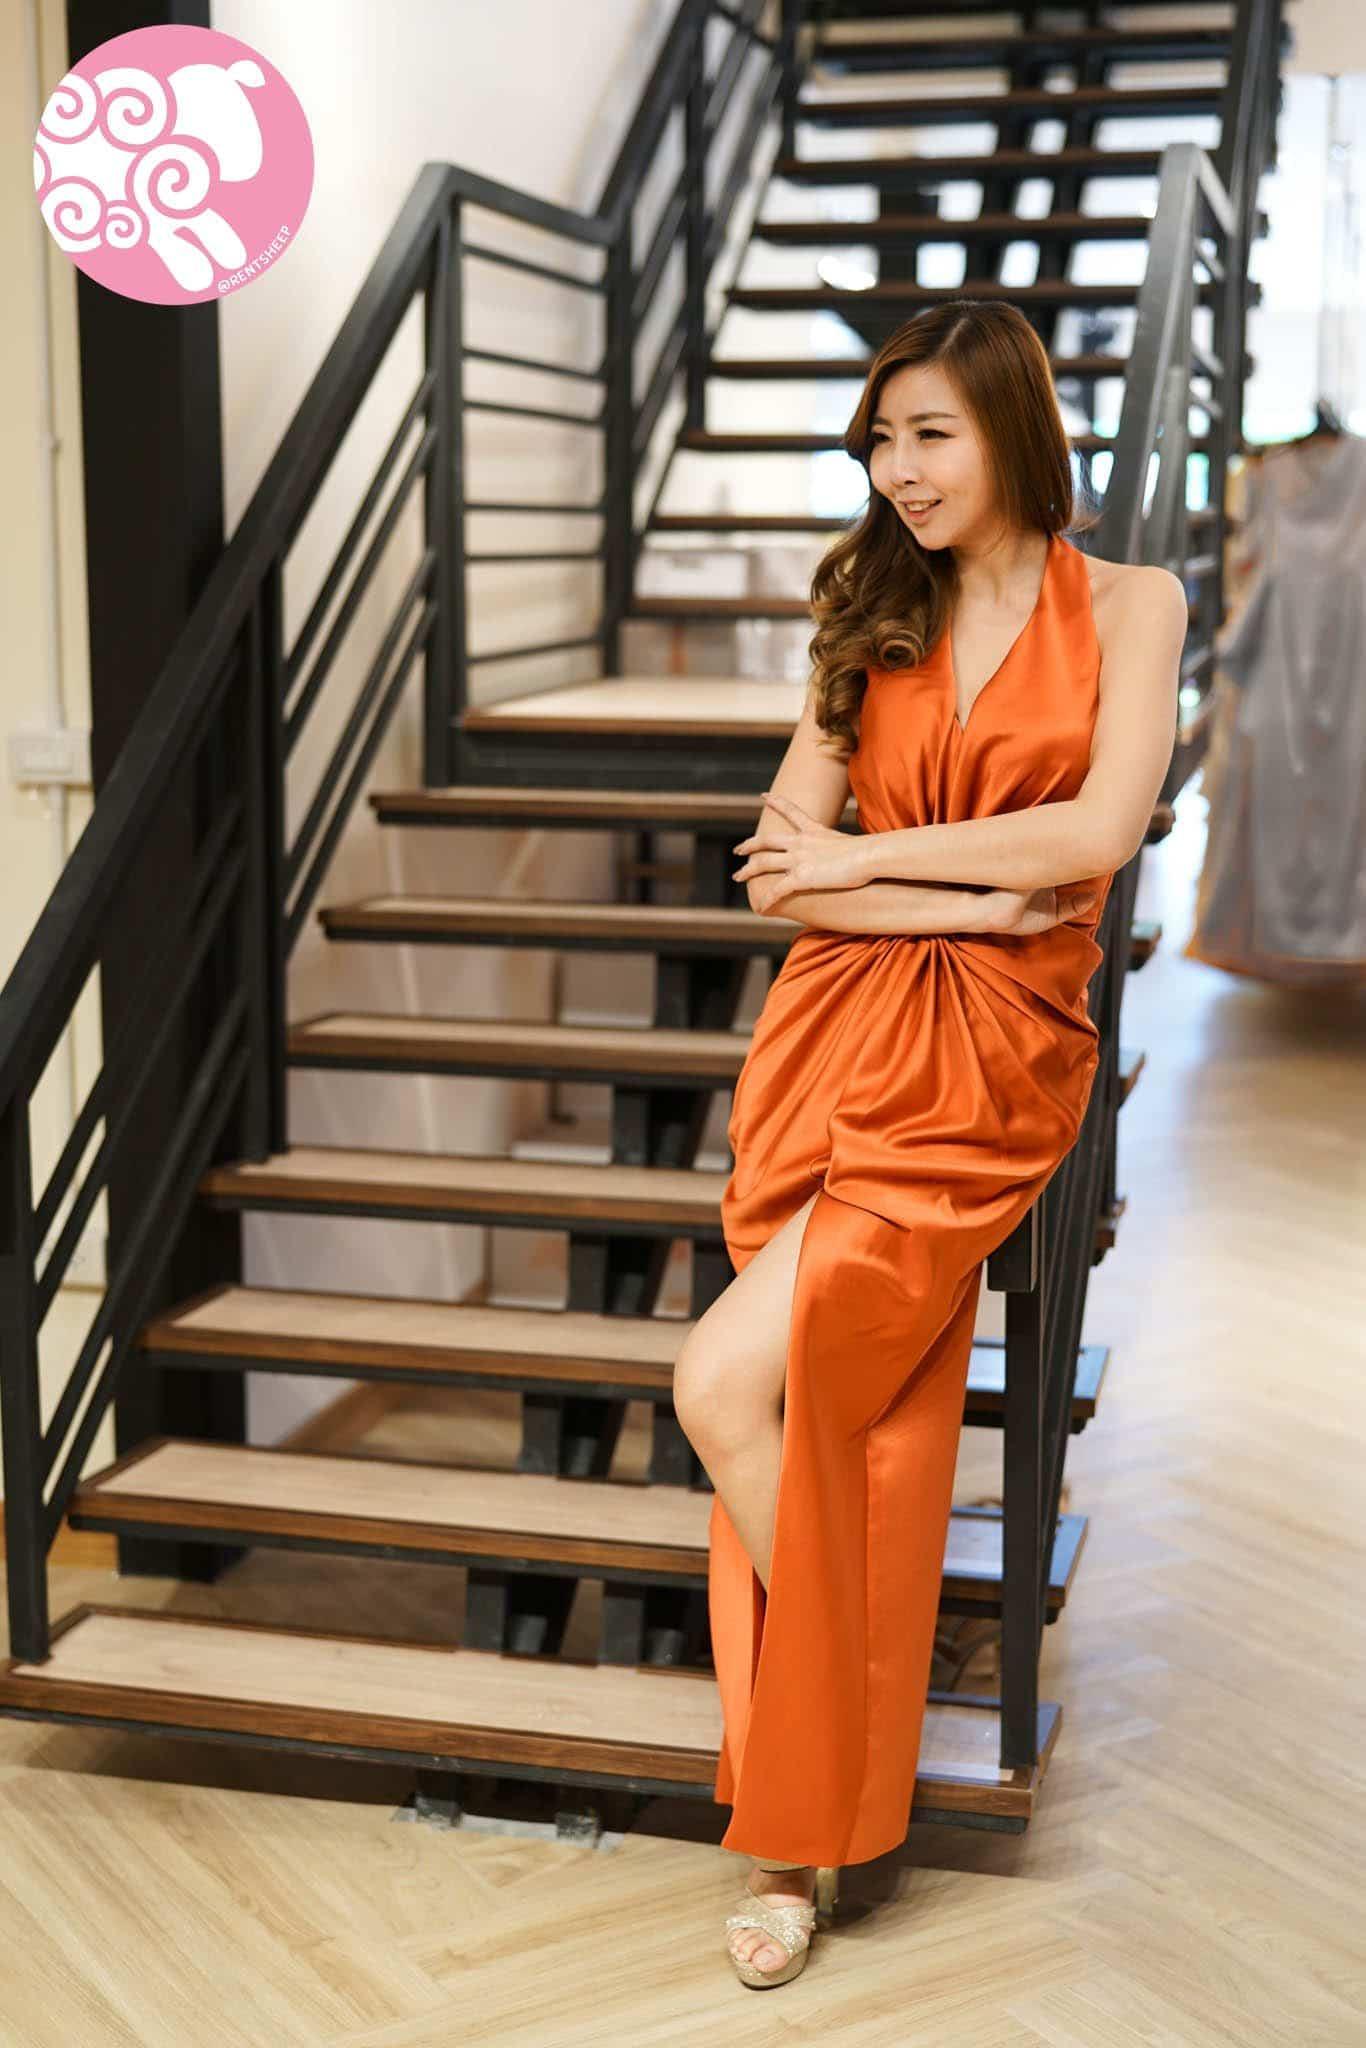 ชุดราตรีสีส้มอิฐ